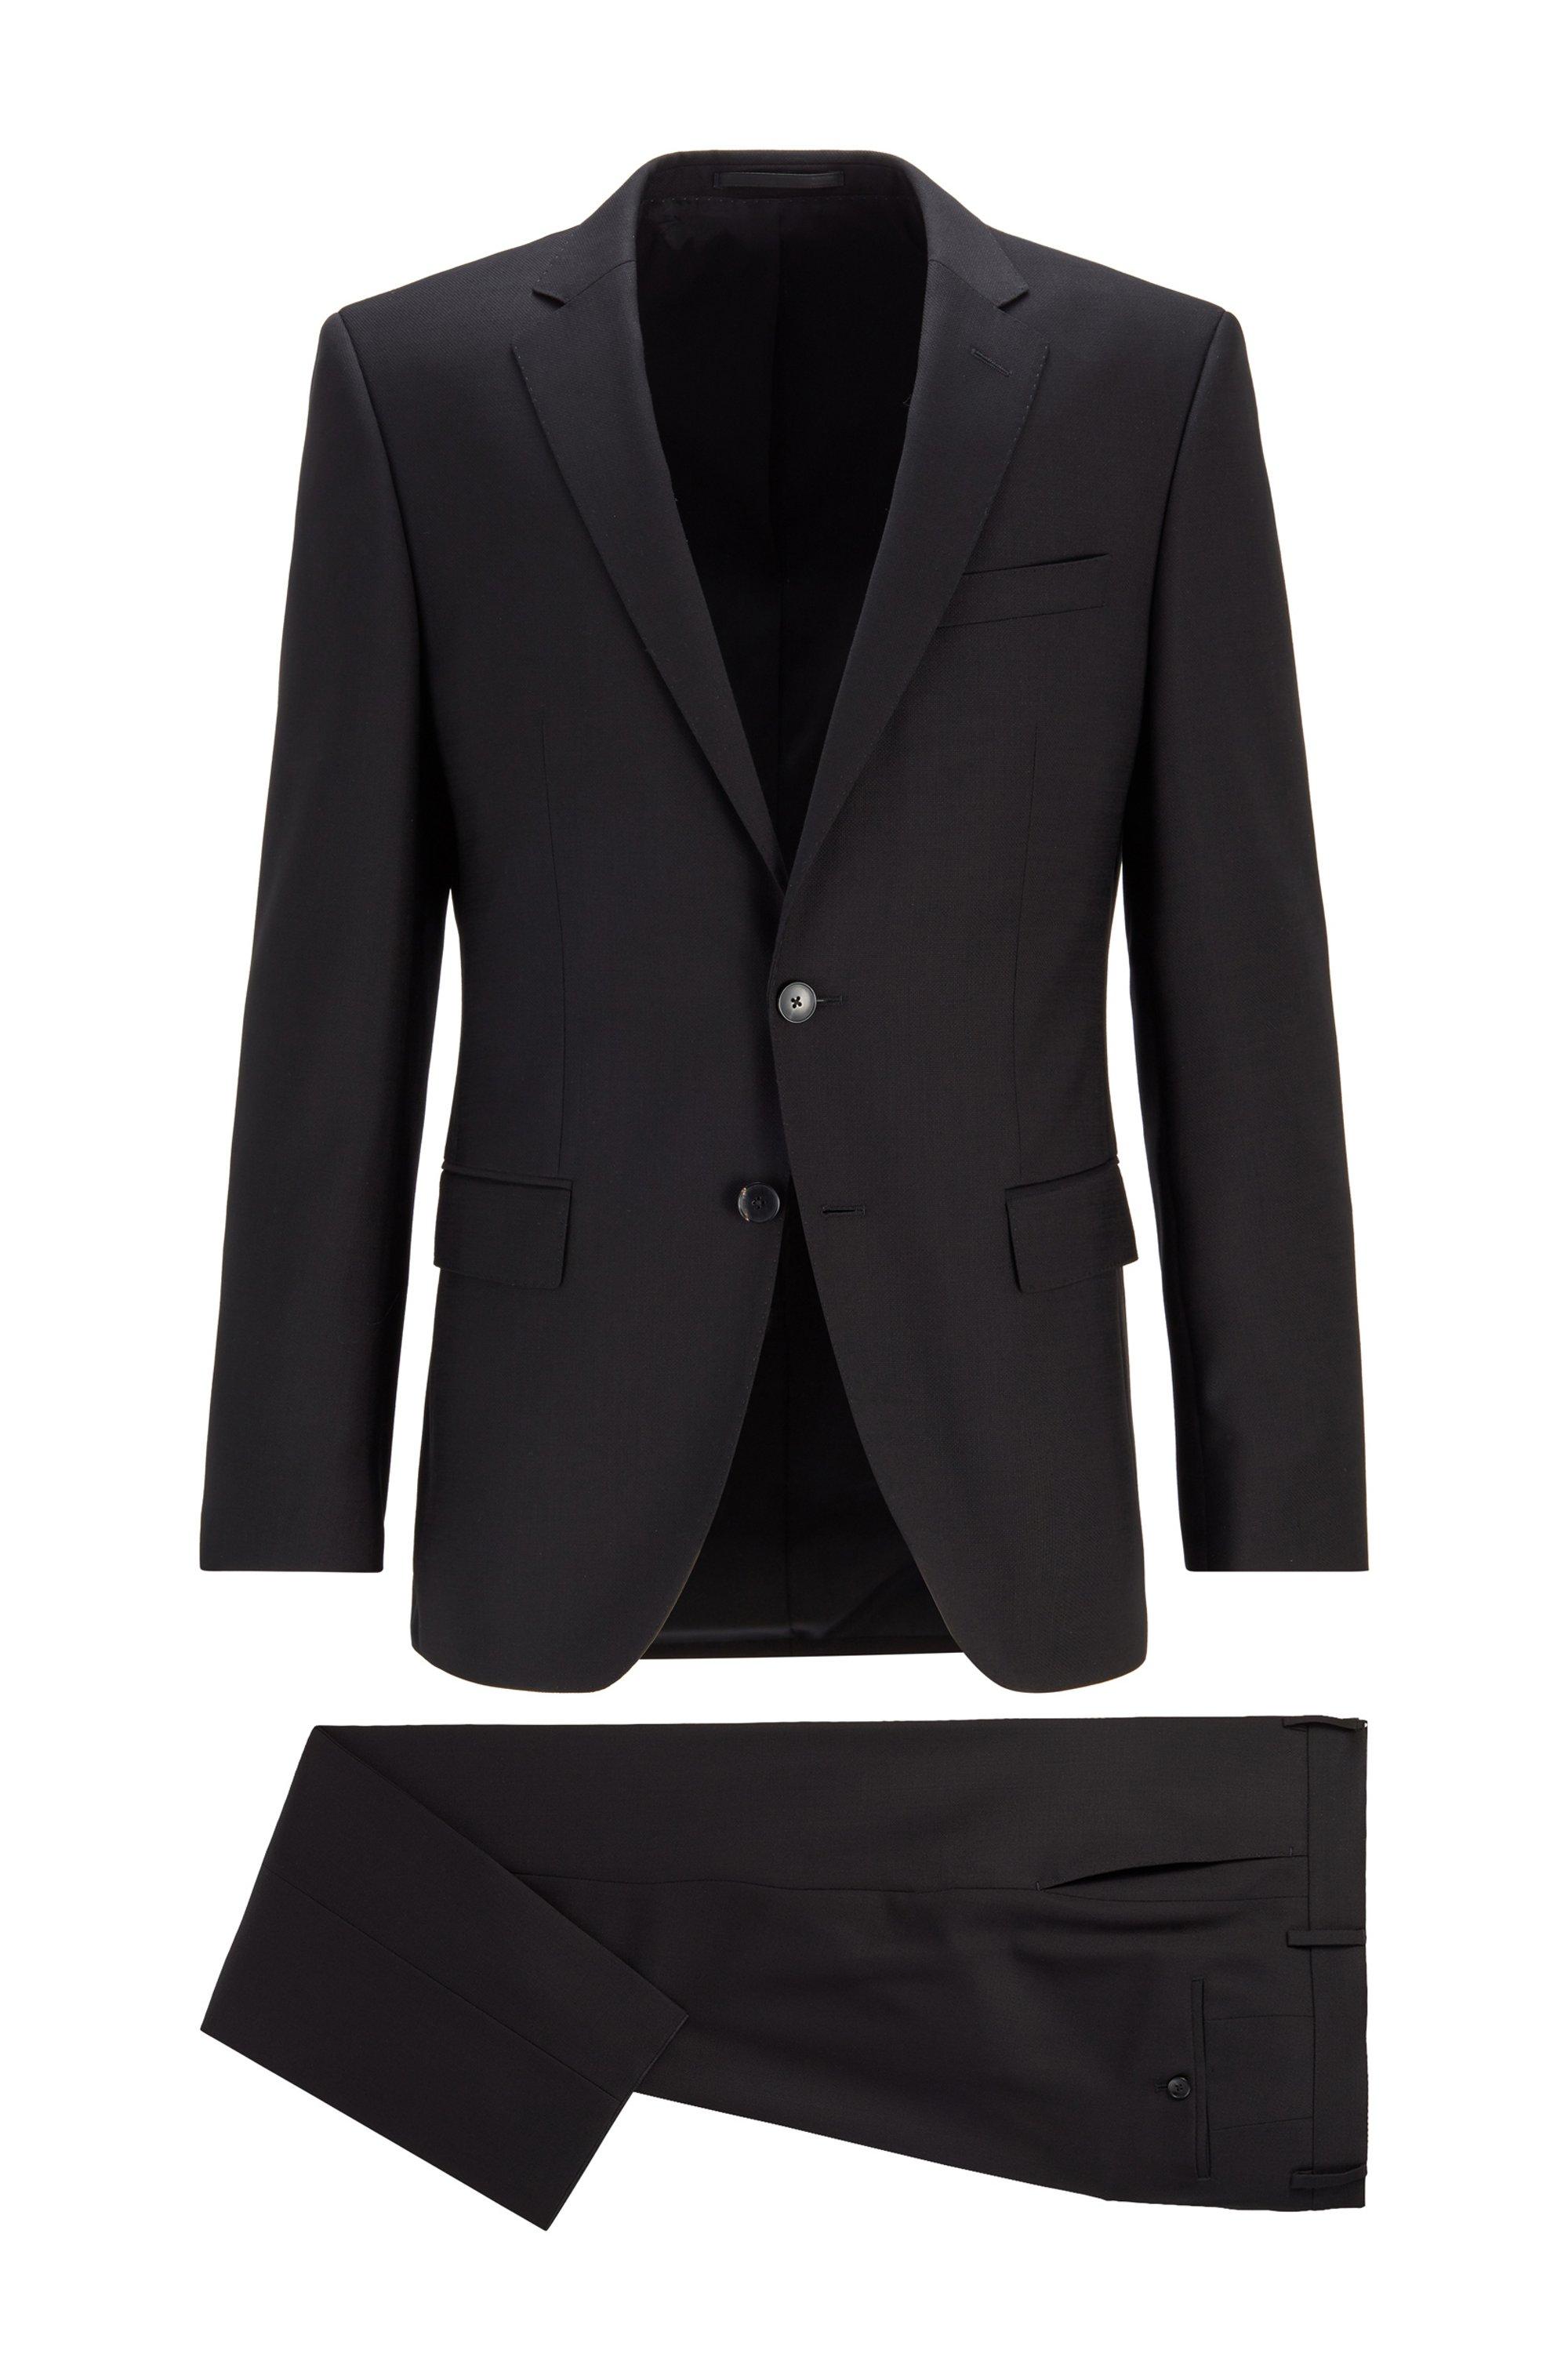 Costume Slim Fit en sergé de laine vierge à micromotif, Noir